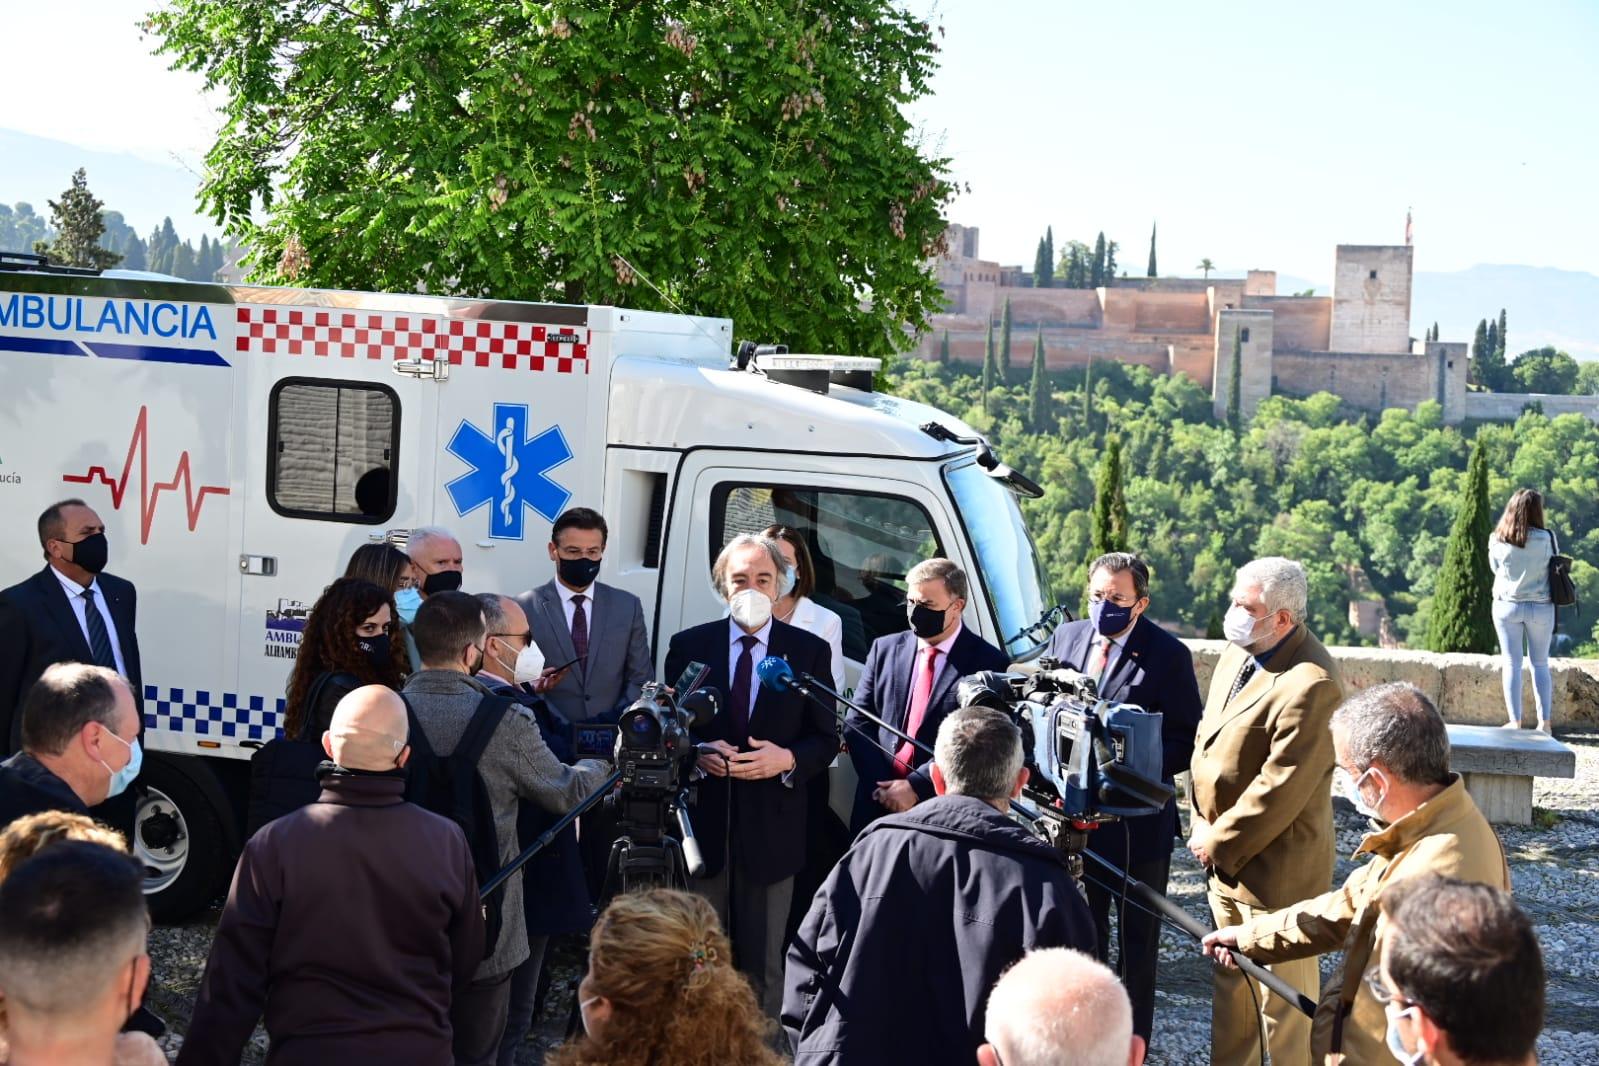 Empieza a funcionar un servicio de ambulancia especial para cubrir a los barrios históricos del Albaicín y Realejo